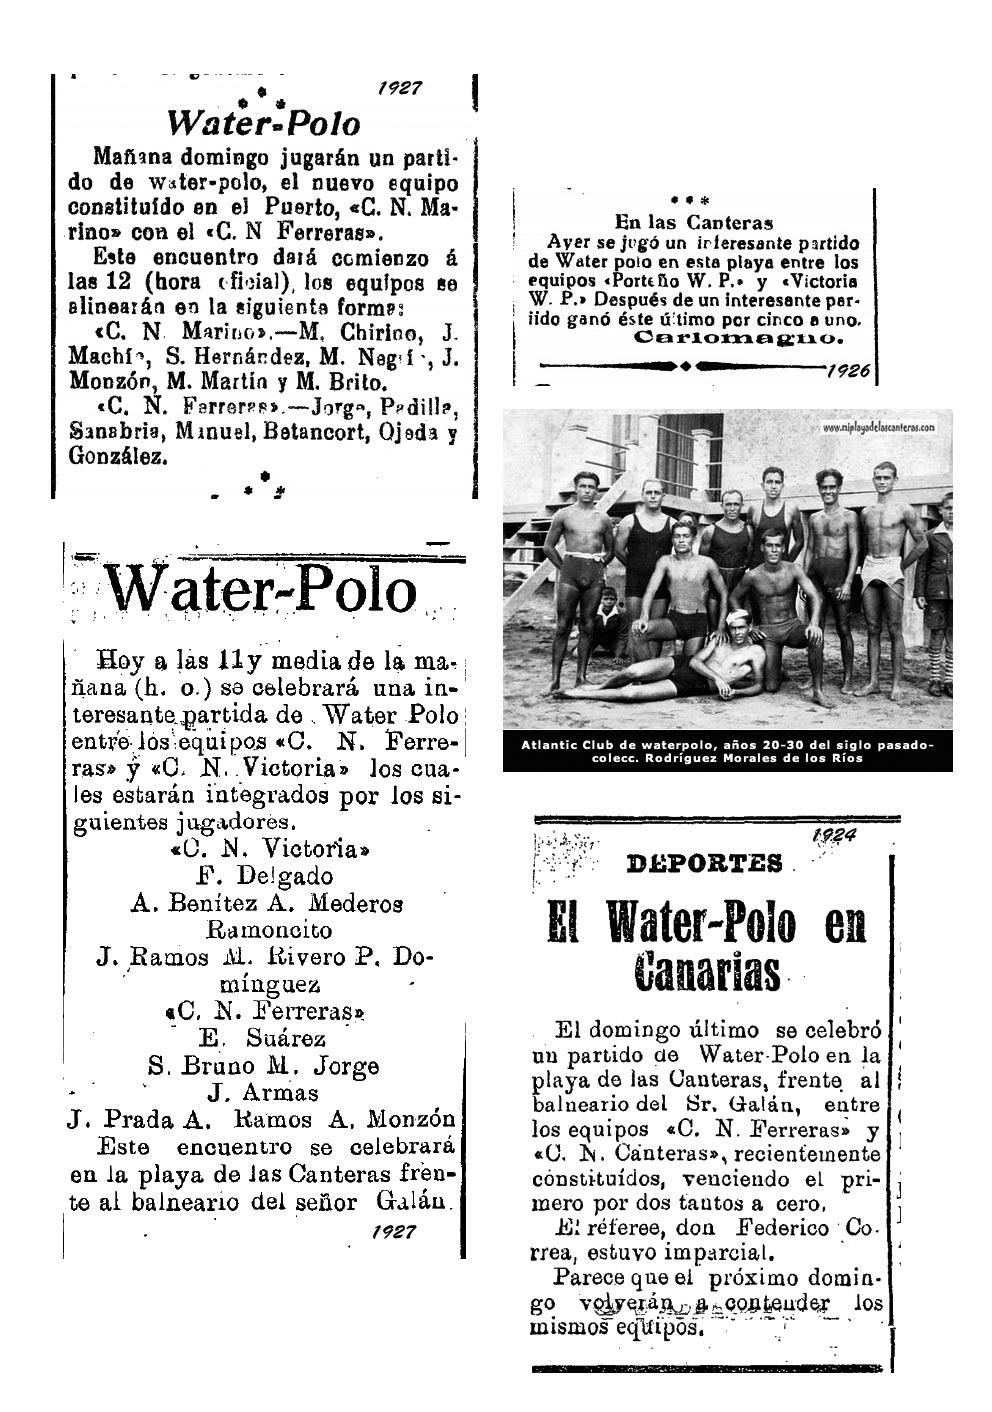 Water-Polo en la playa de Las Canteras